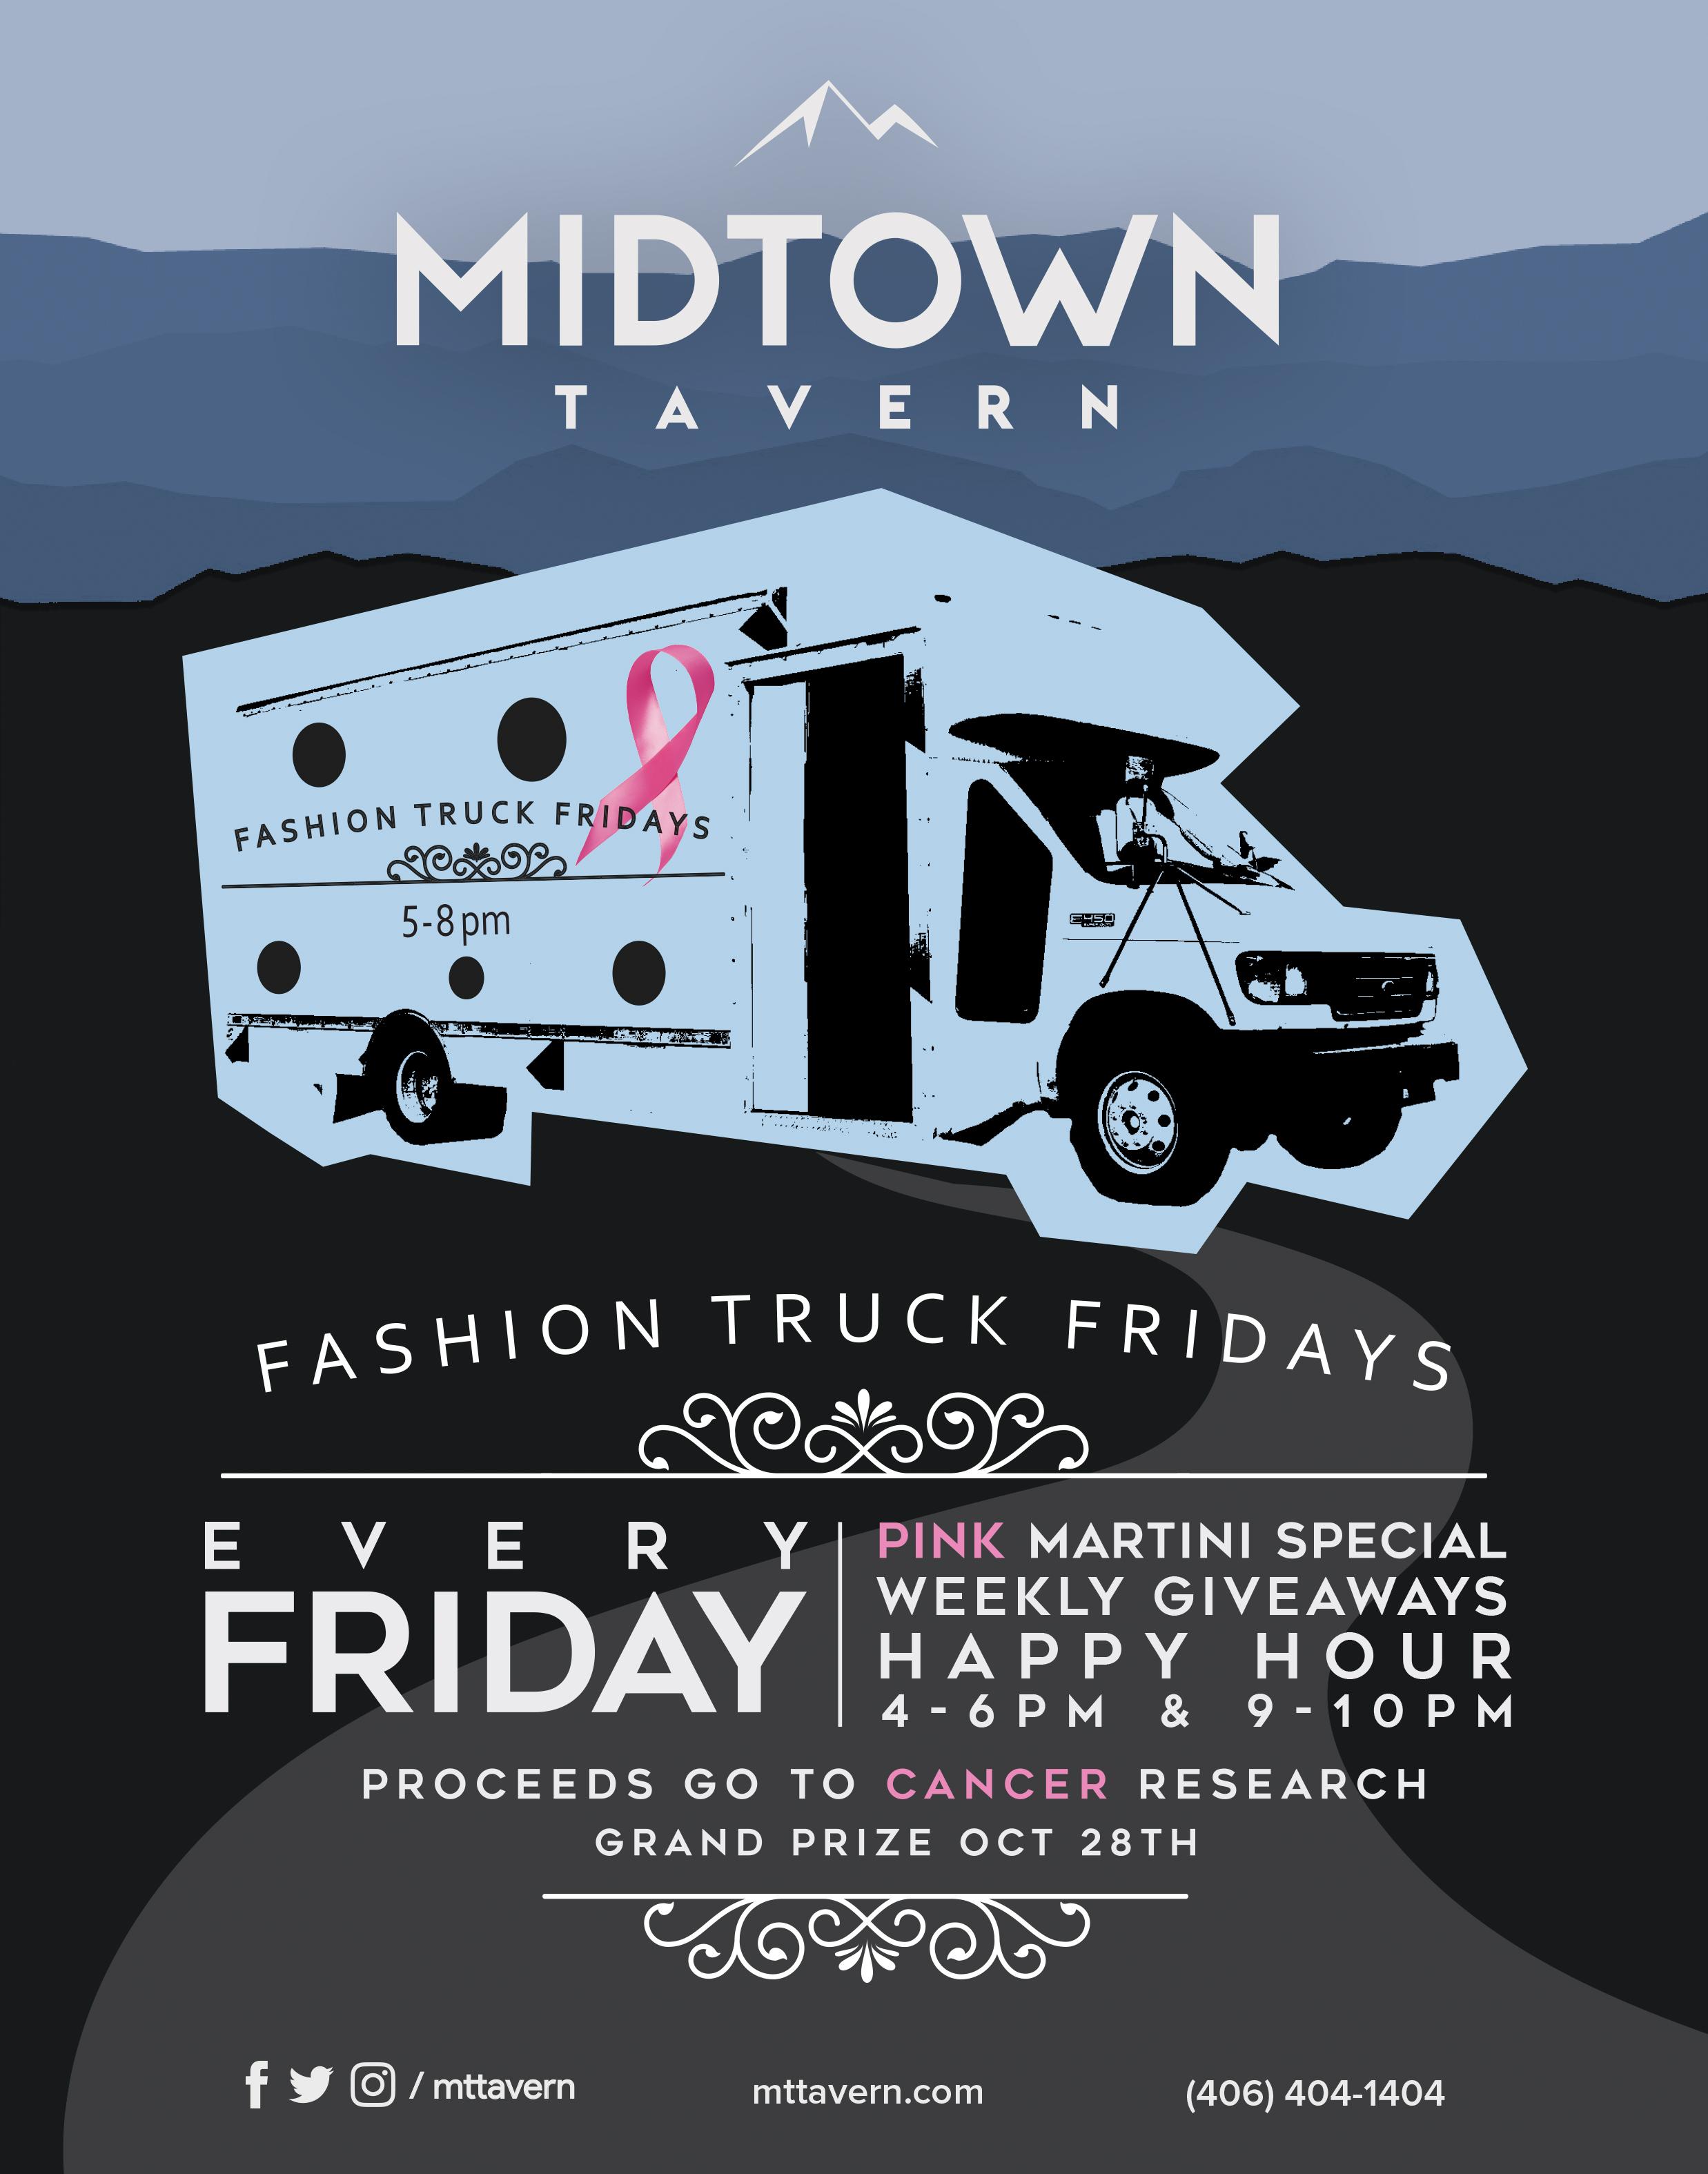 fashion truck fridays